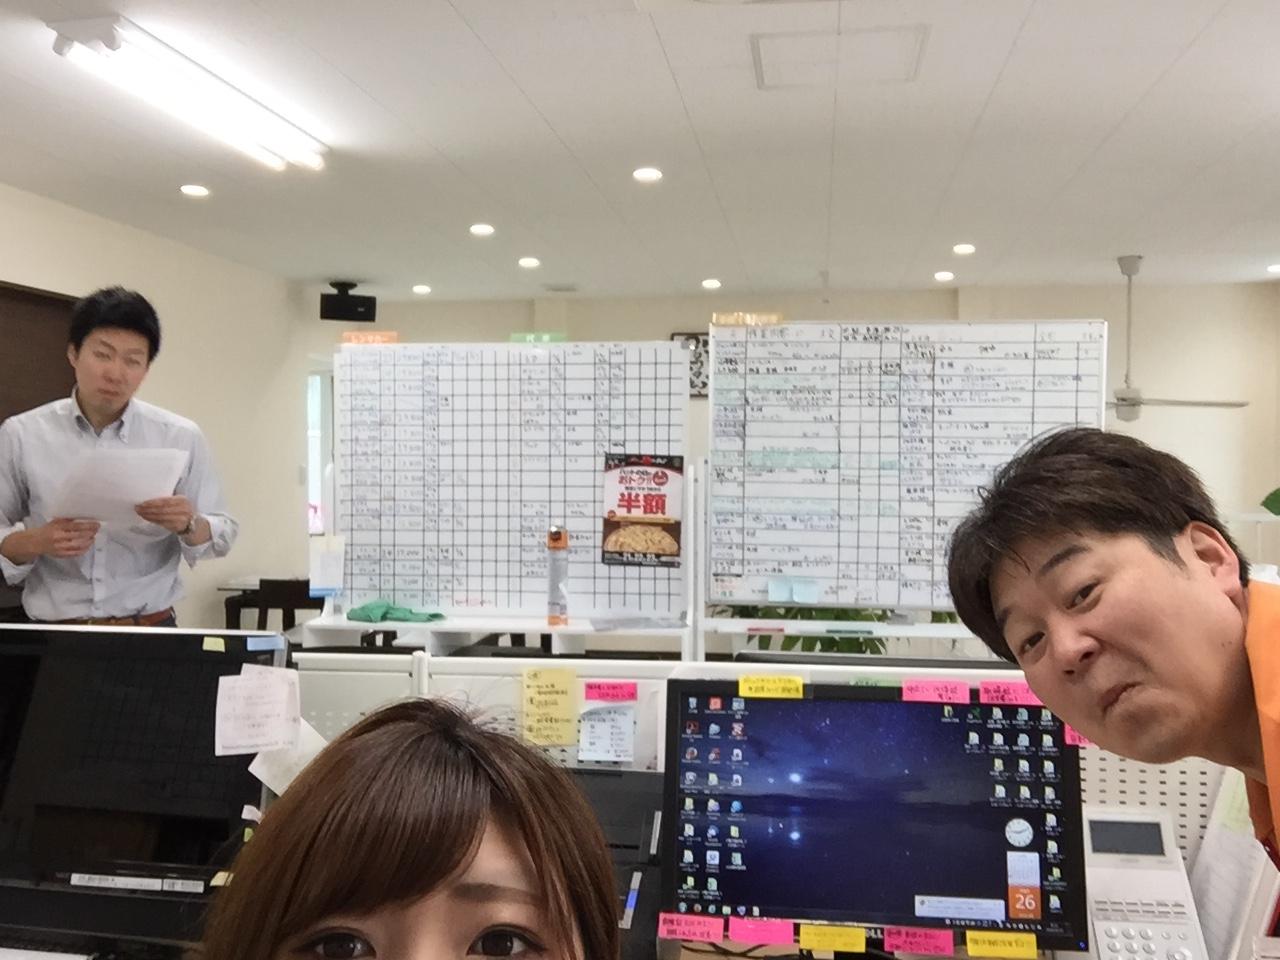 6月26日(日) 社長・店長はBIGMEETING HOKKAIDOへ!今日は本店お留守番ブログ♪_b0127002_16594680.jpg